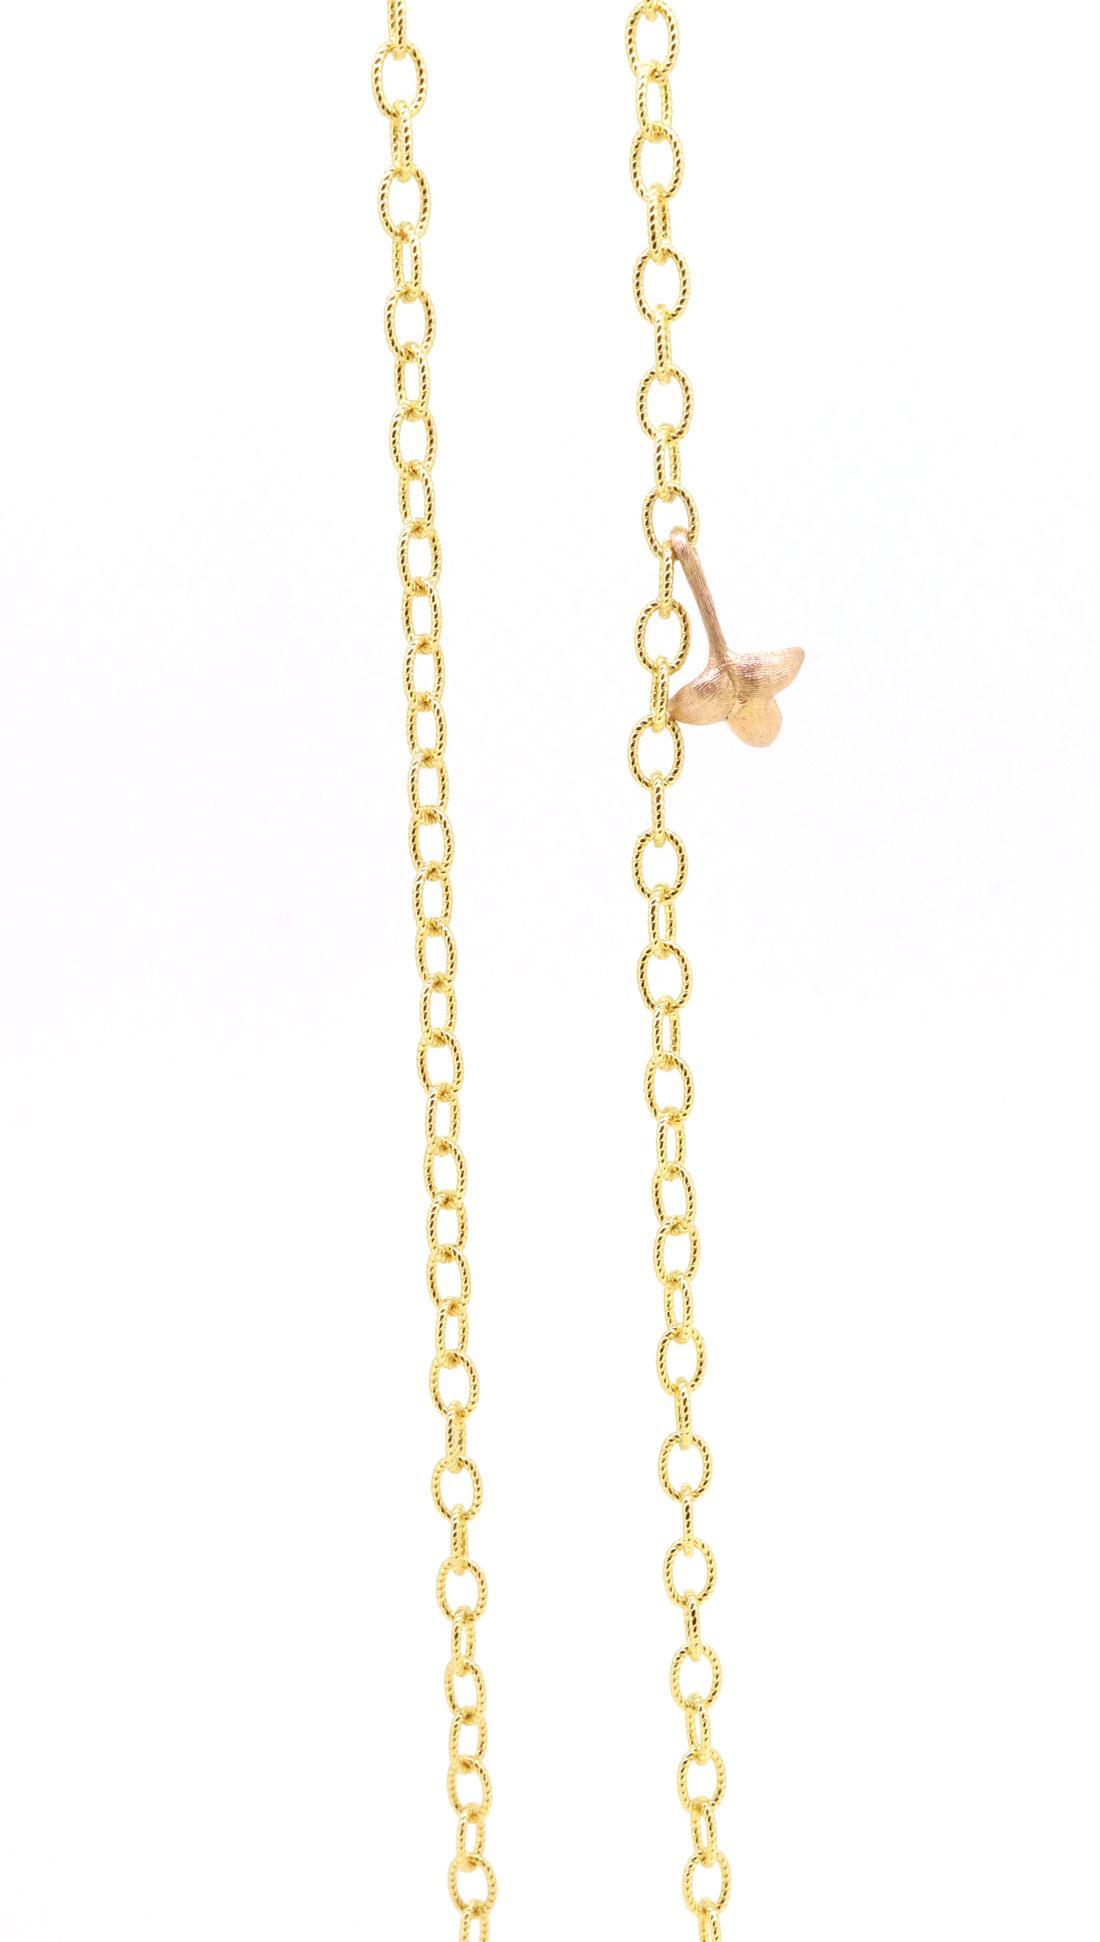 Kette Lotus 18ct Gold - Ole Lynggaard - C2009-401